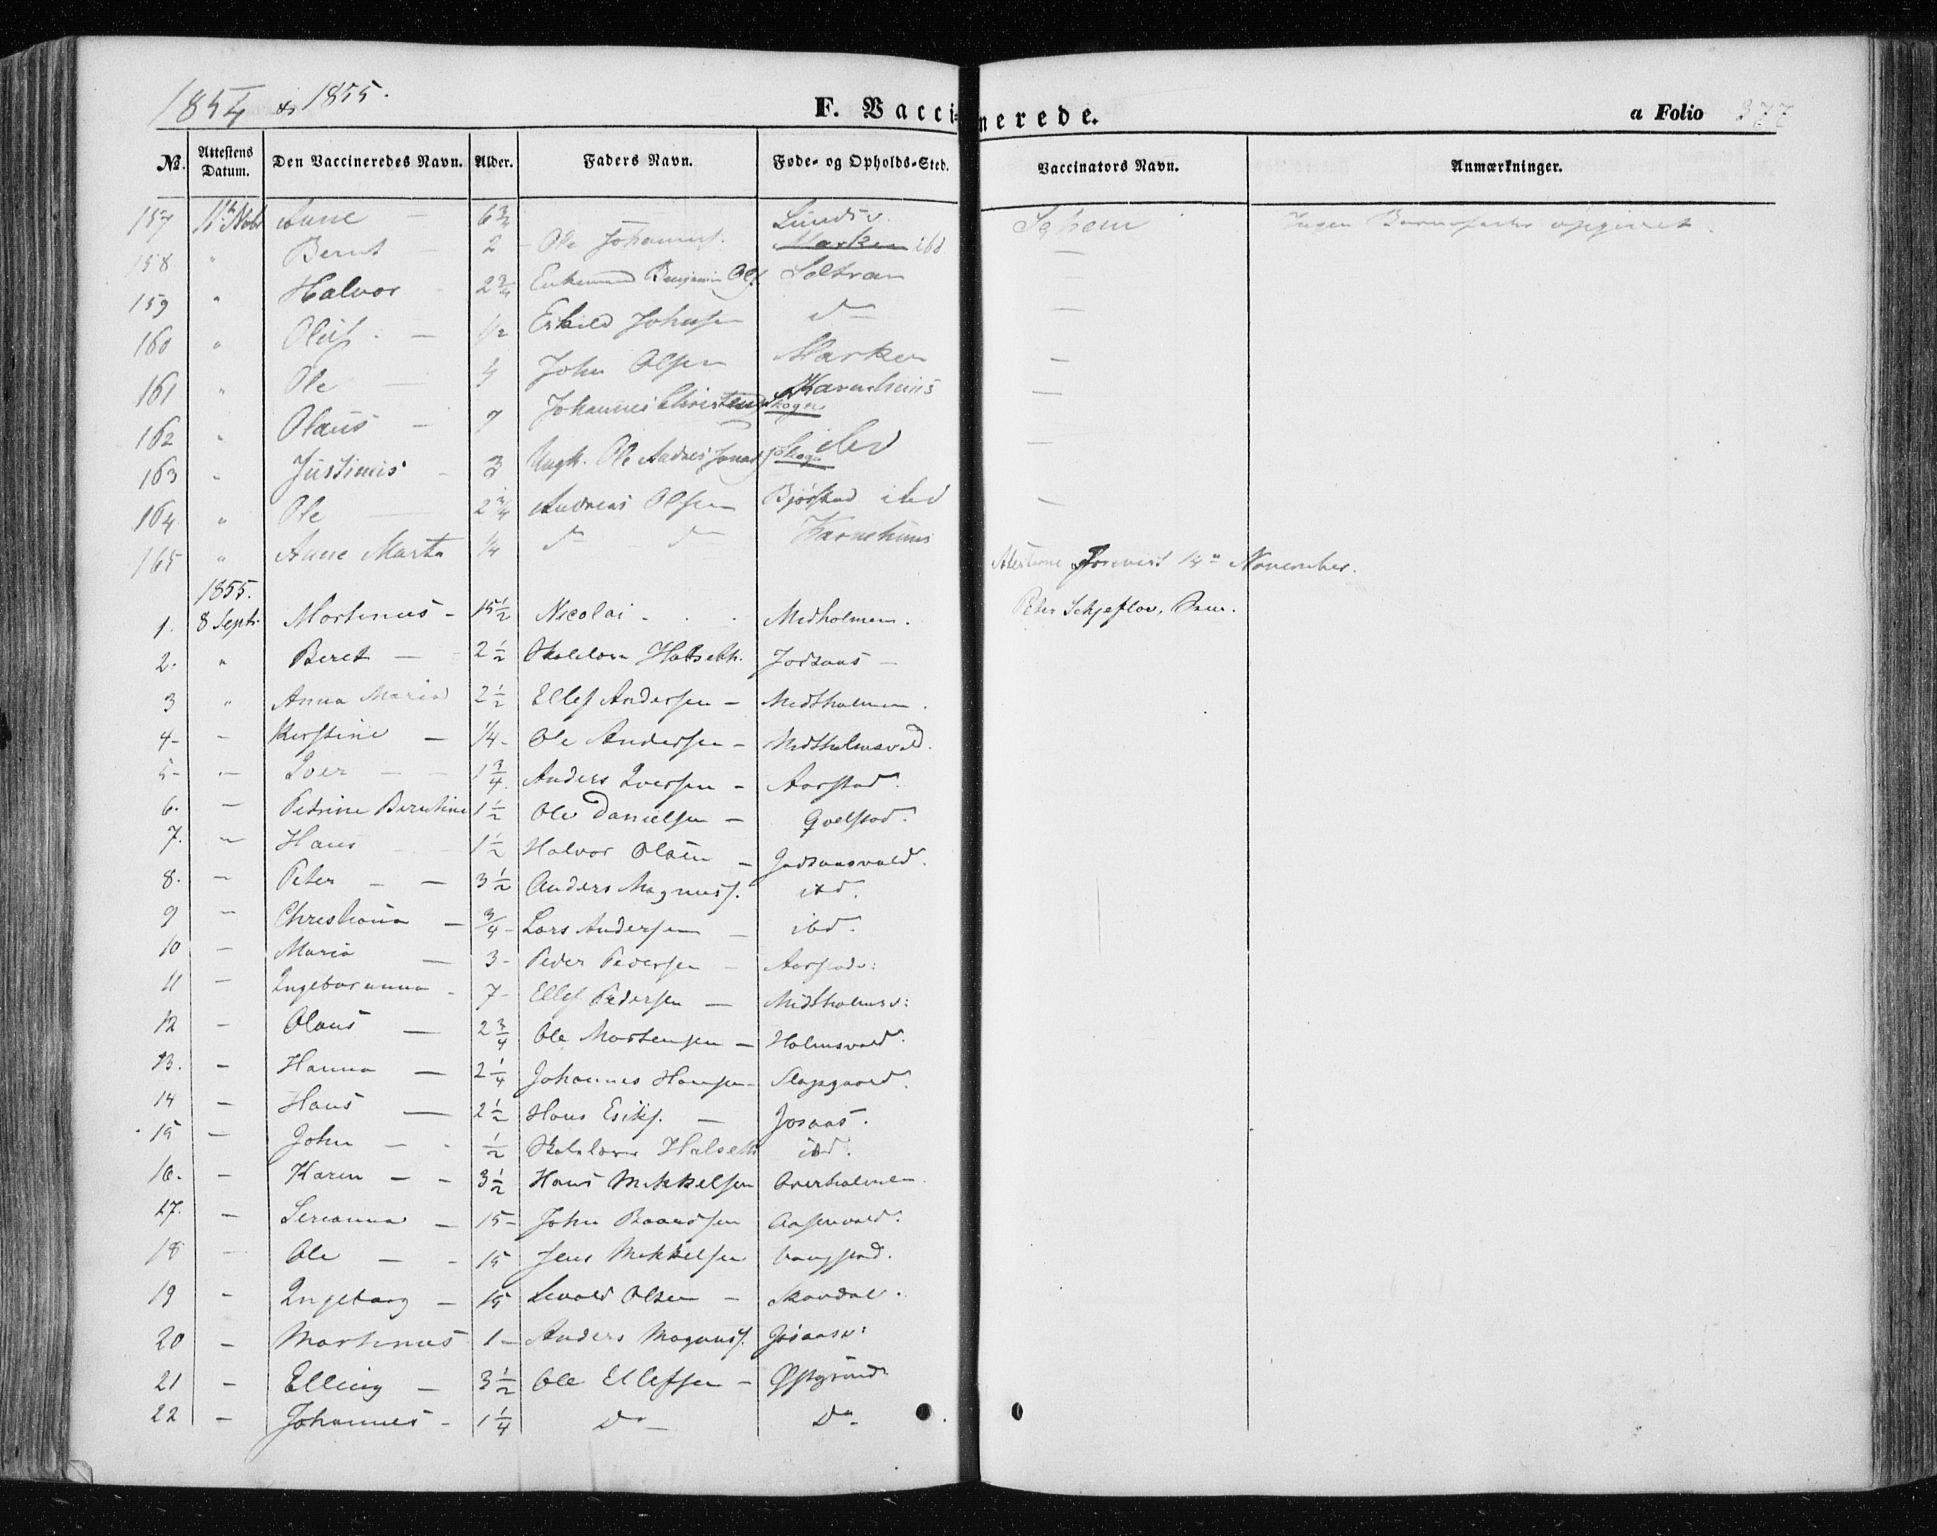 SAT, Ministerialprotokoller, klokkerbøker og fødselsregistre - Nord-Trøndelag, 723/L0240: Ministerialbok nr. 723A09, 1852-1860, s. 377